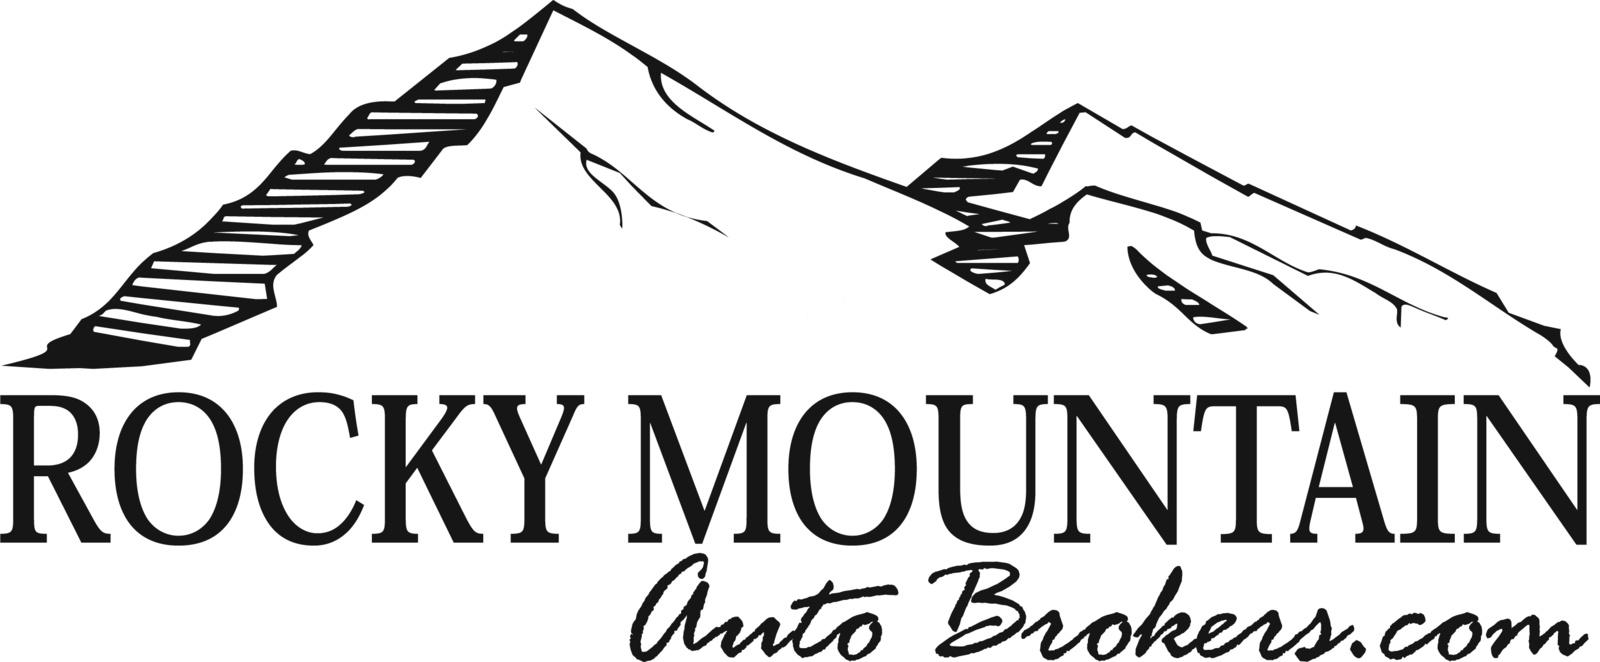 Rocky Mountain Auto Brokers Inc Colorado Springs Co